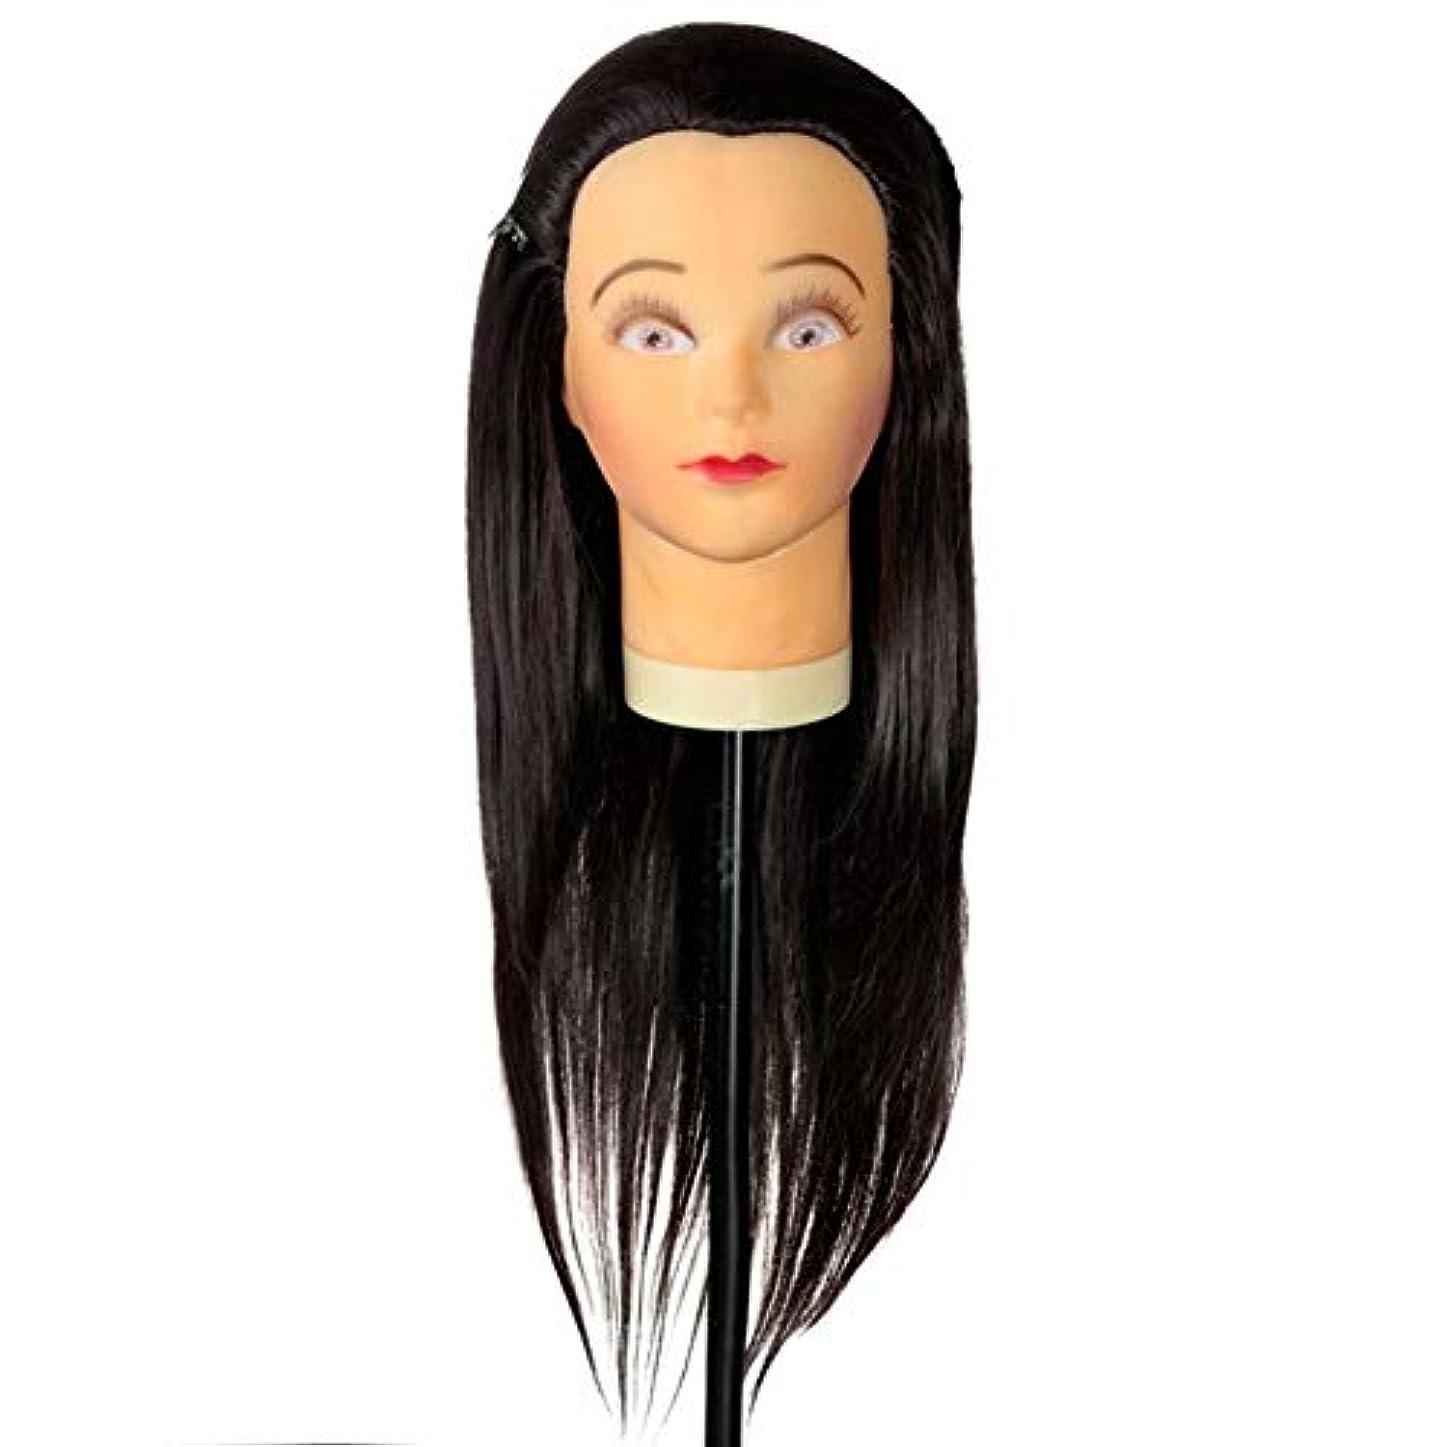 アライメント刃キャロラインメイクアップエクササイズディスク髪編組ヘッド金型デュアルユースダミーヘッドモデルヘッド美容ヘアカットティーチングヘッドかつら